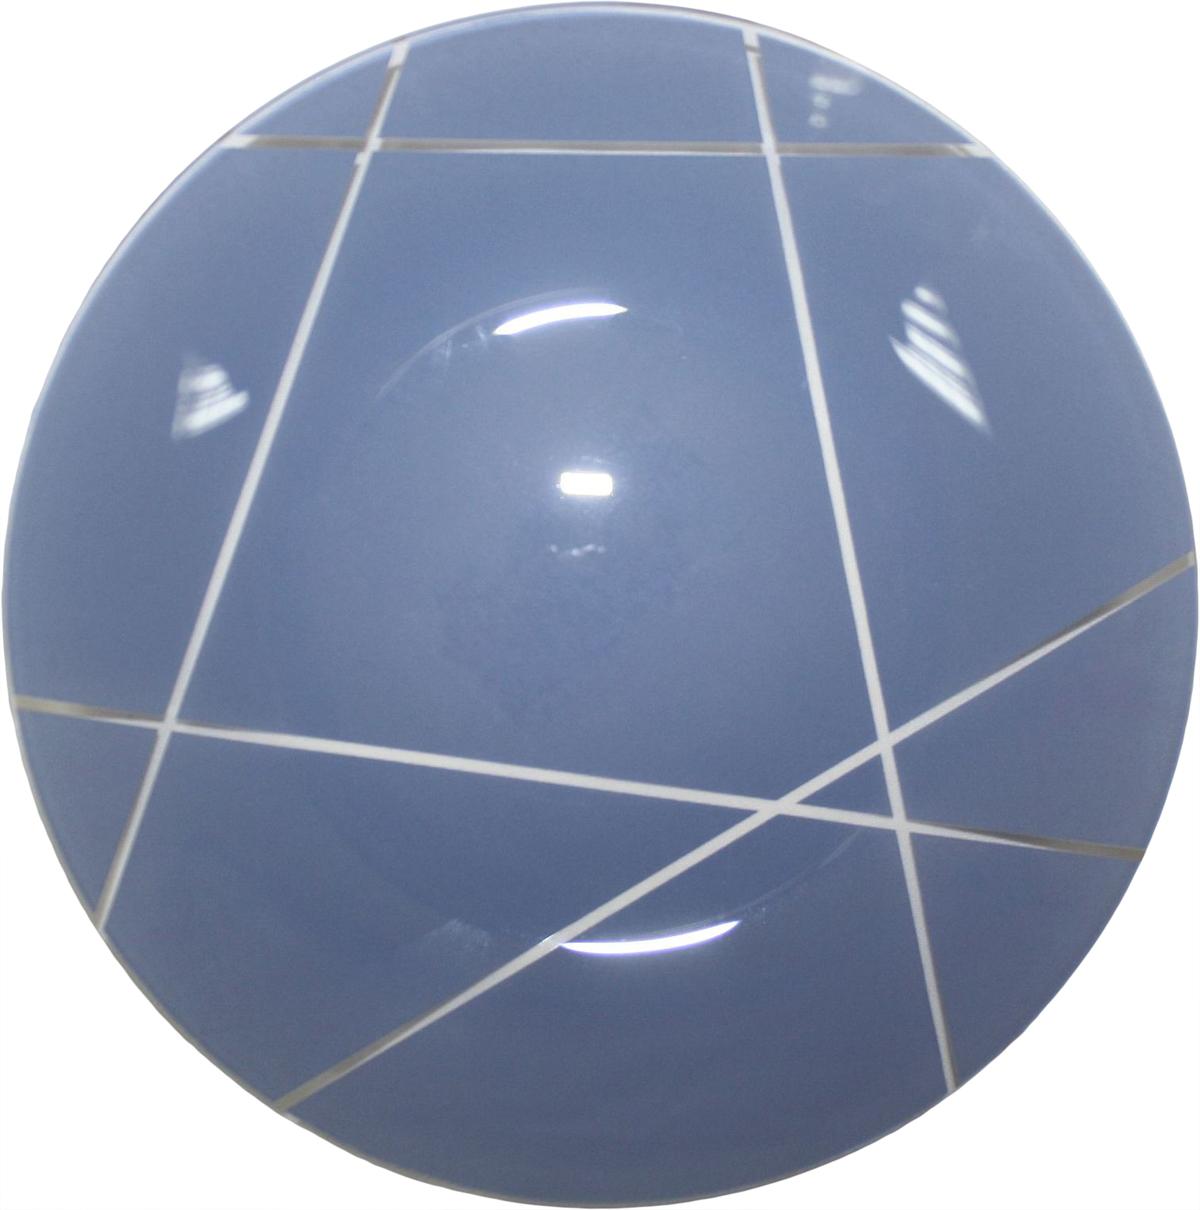 Тарелка десертная NiNaGlass Контур, цвет: голубой, диаметр 20 см85-200-002сТарелка NiNaGlass Конус выполнена из высококачественного стекла и оформлена красивым прозрачным геометрическим принтом. Тарелка идеальна для подачи вторых блюд, а также сервировки закусок, нарезок, салатов, овощей и фруктов. Она отлично подойдет как для повседневных, так и для торжественных случаев. Такая тарелка прекрасно впишется в интерьер вашей кухни и станет достойным дополнением к кухонному инвентарю.